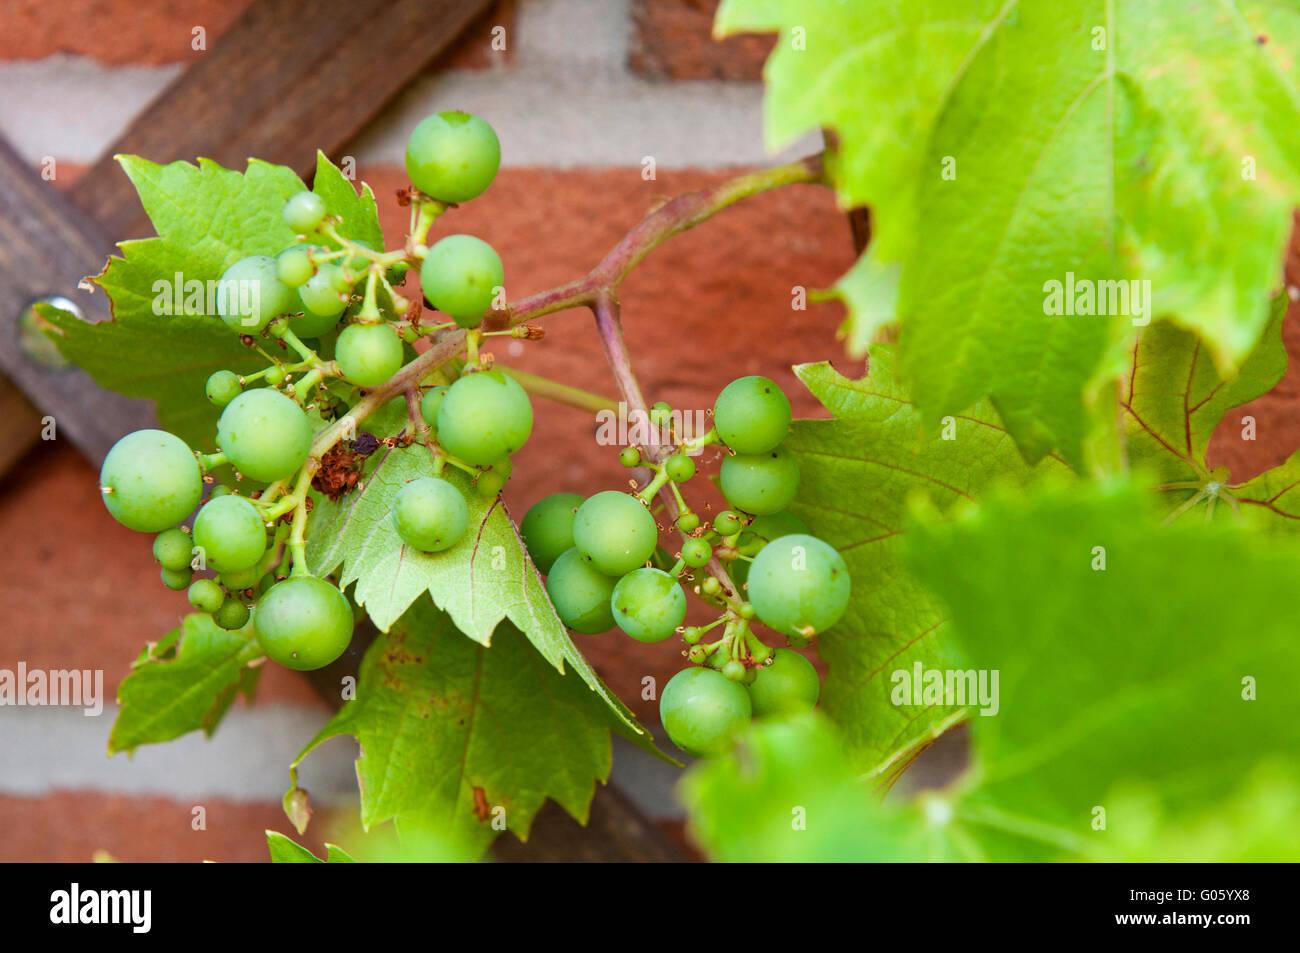 köstlichen biologischen Trauben wachsen auf den Hinterhof Gartenmauer (keine Chemikalien) Stockbild